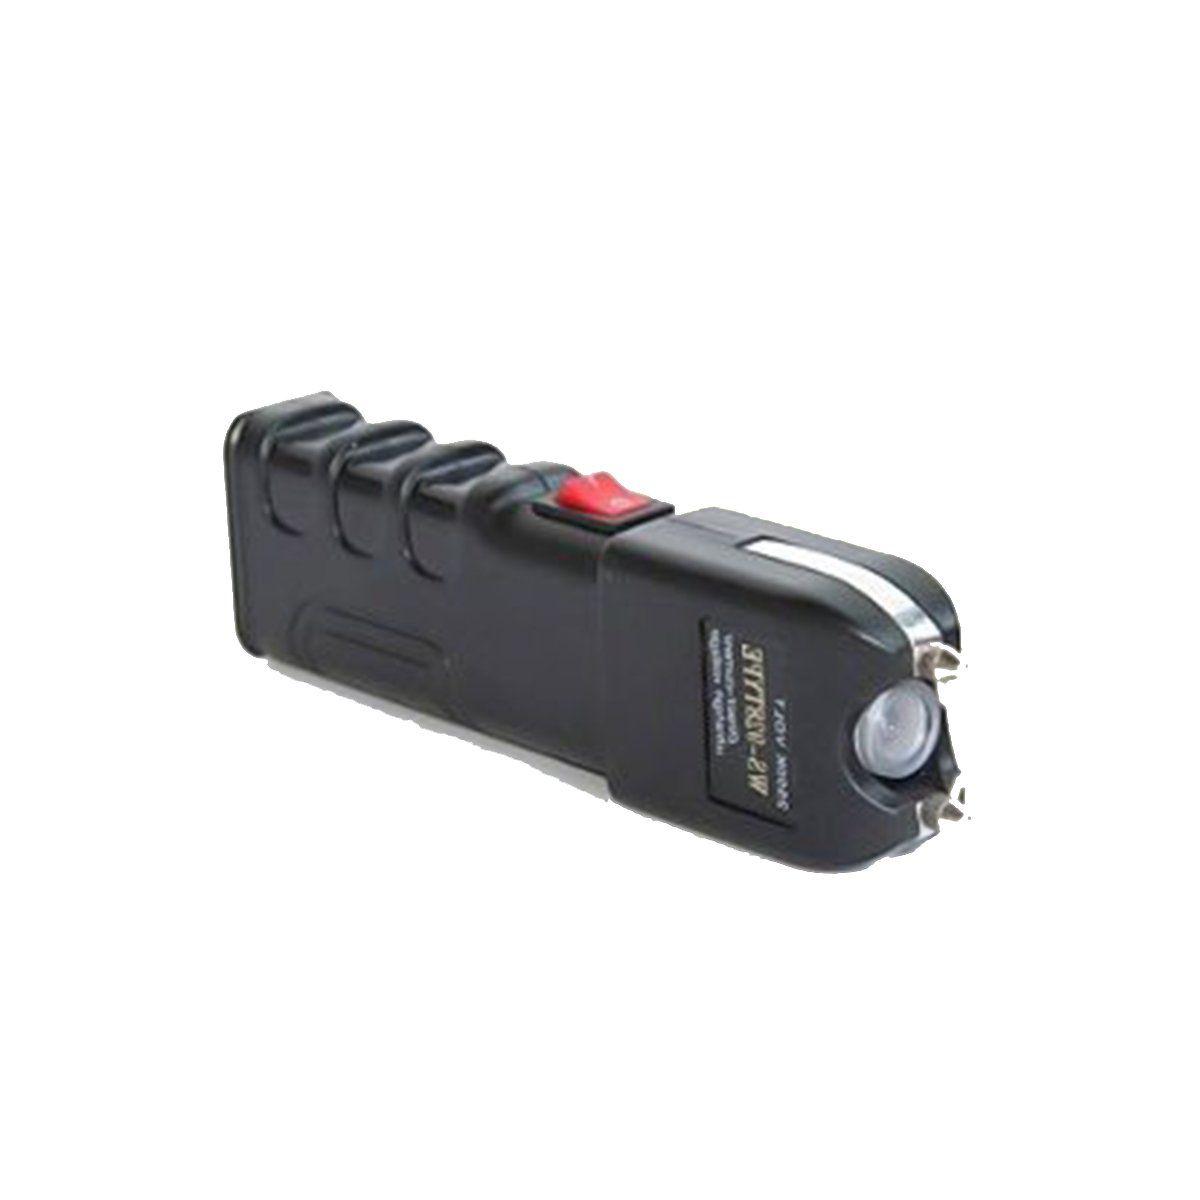 Aparelho de Choque Recarregável Mod. DZ-928 28000 V c/ Lanterna